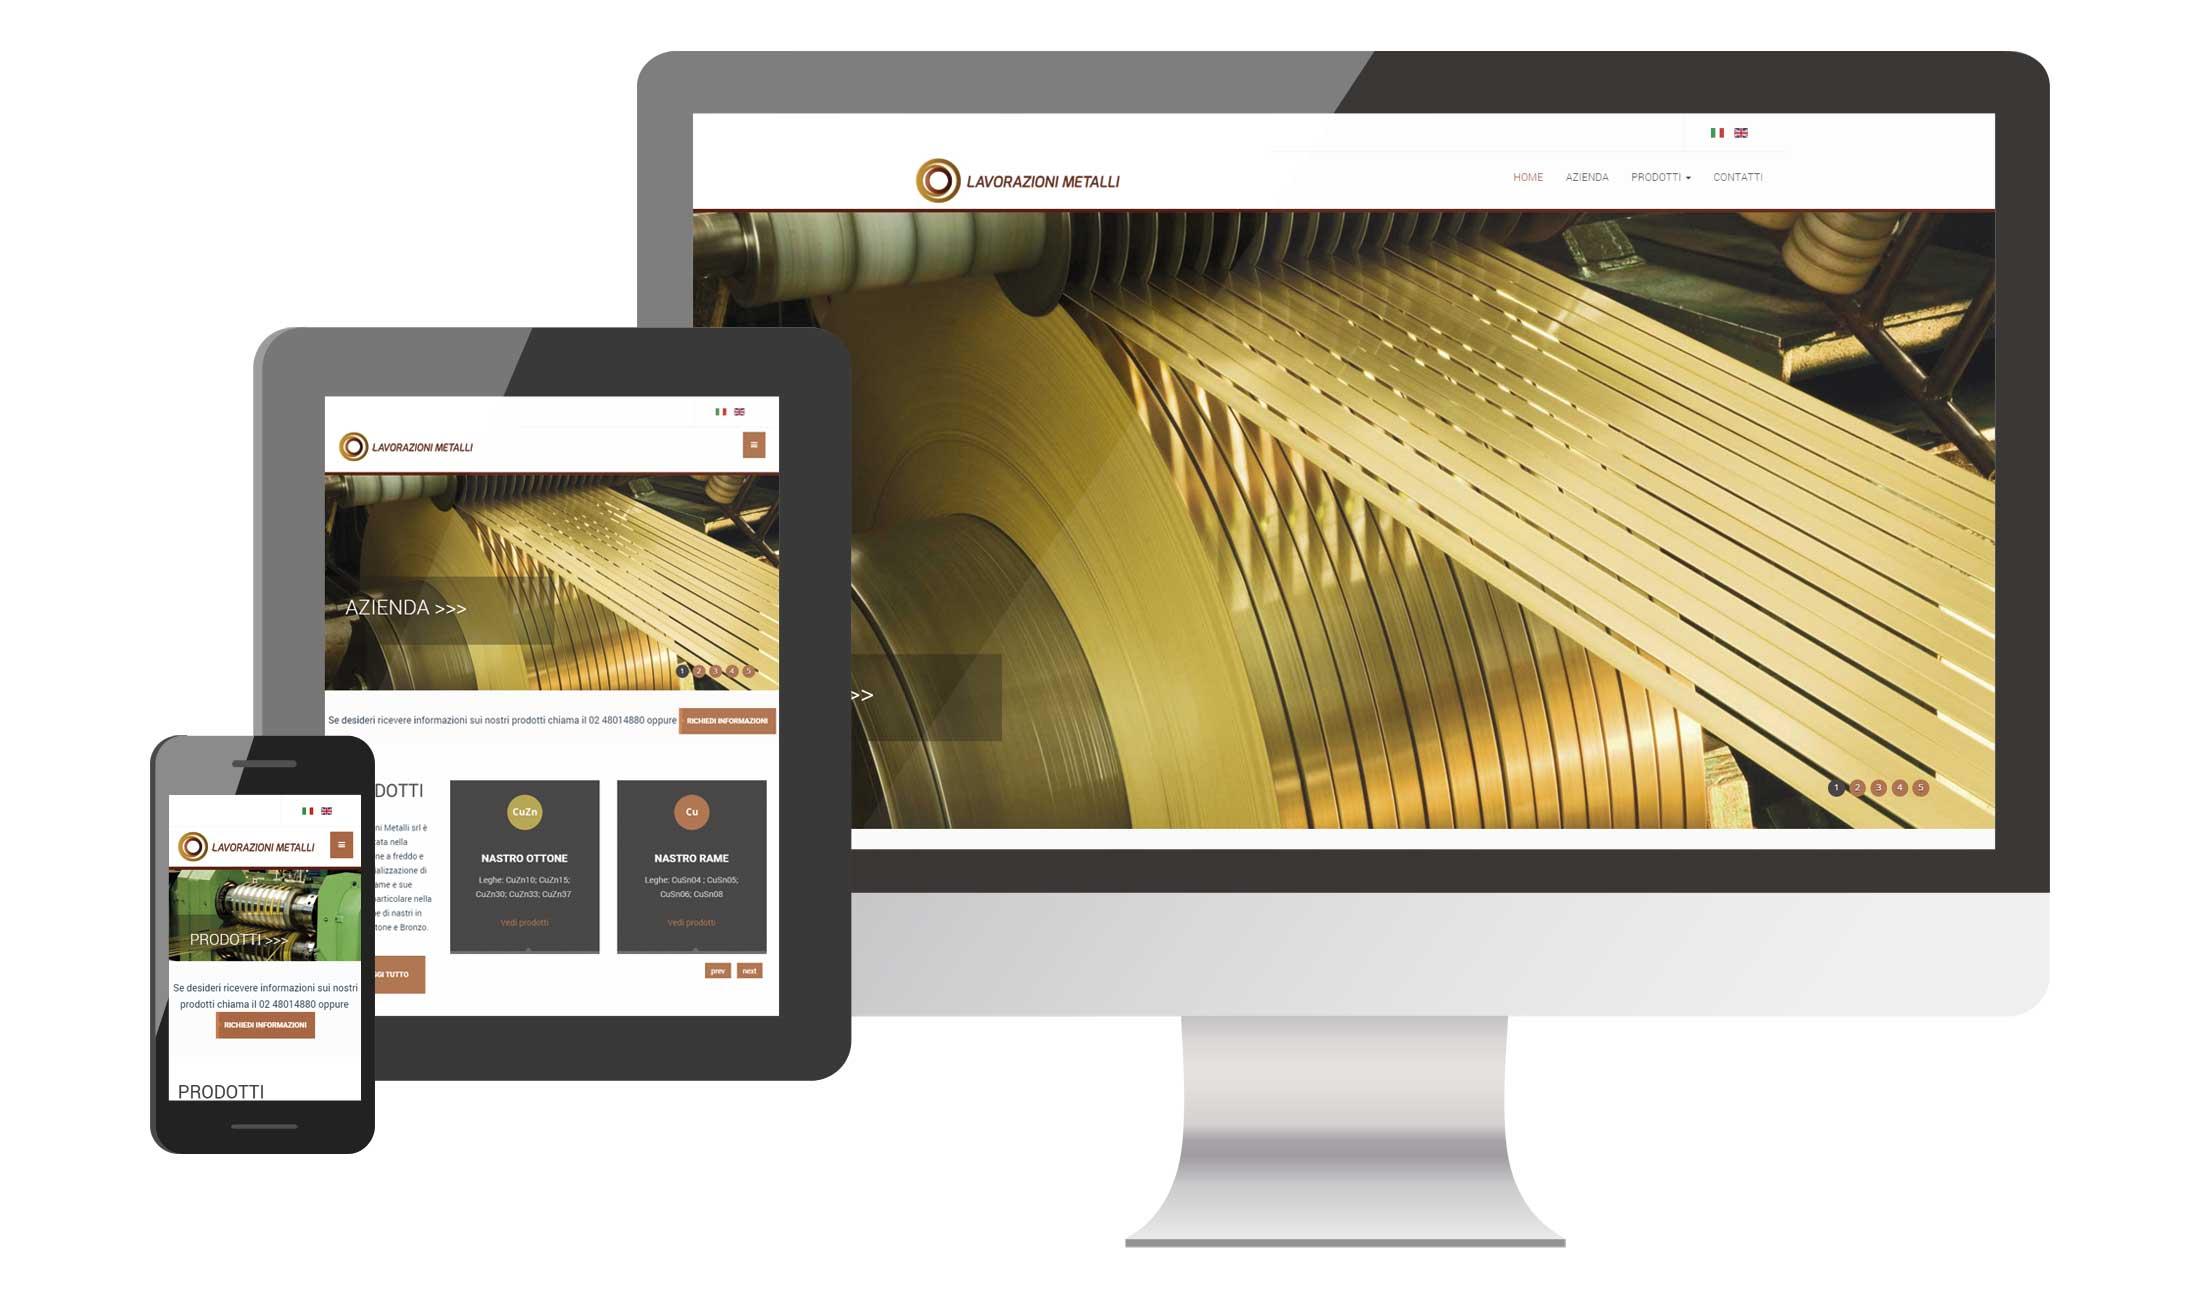 Sviluppo sito Istituzionale lavorazionimetalli.it